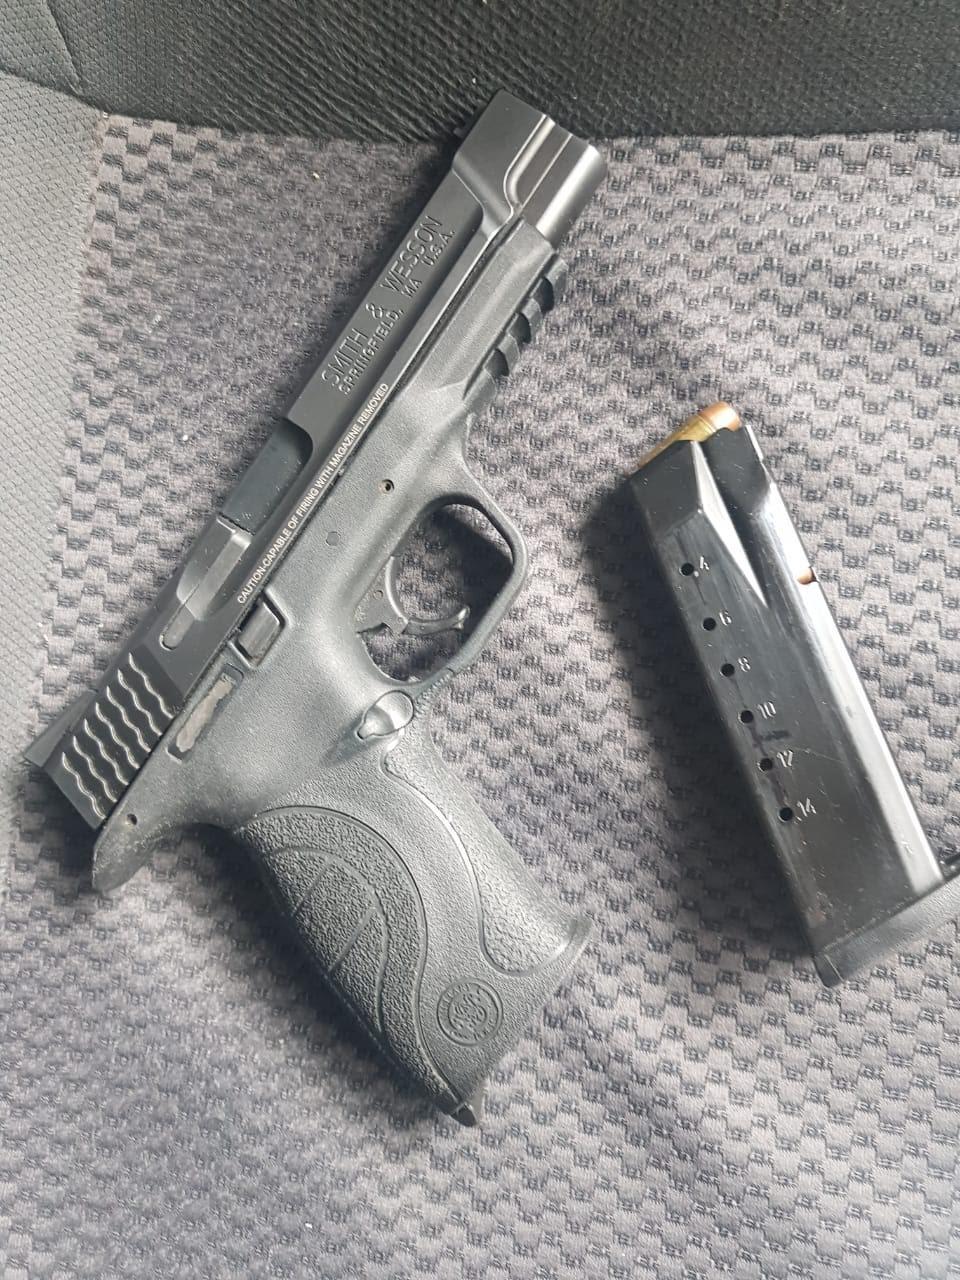 Capturan policías municipales  a sujeto con una pistola .40